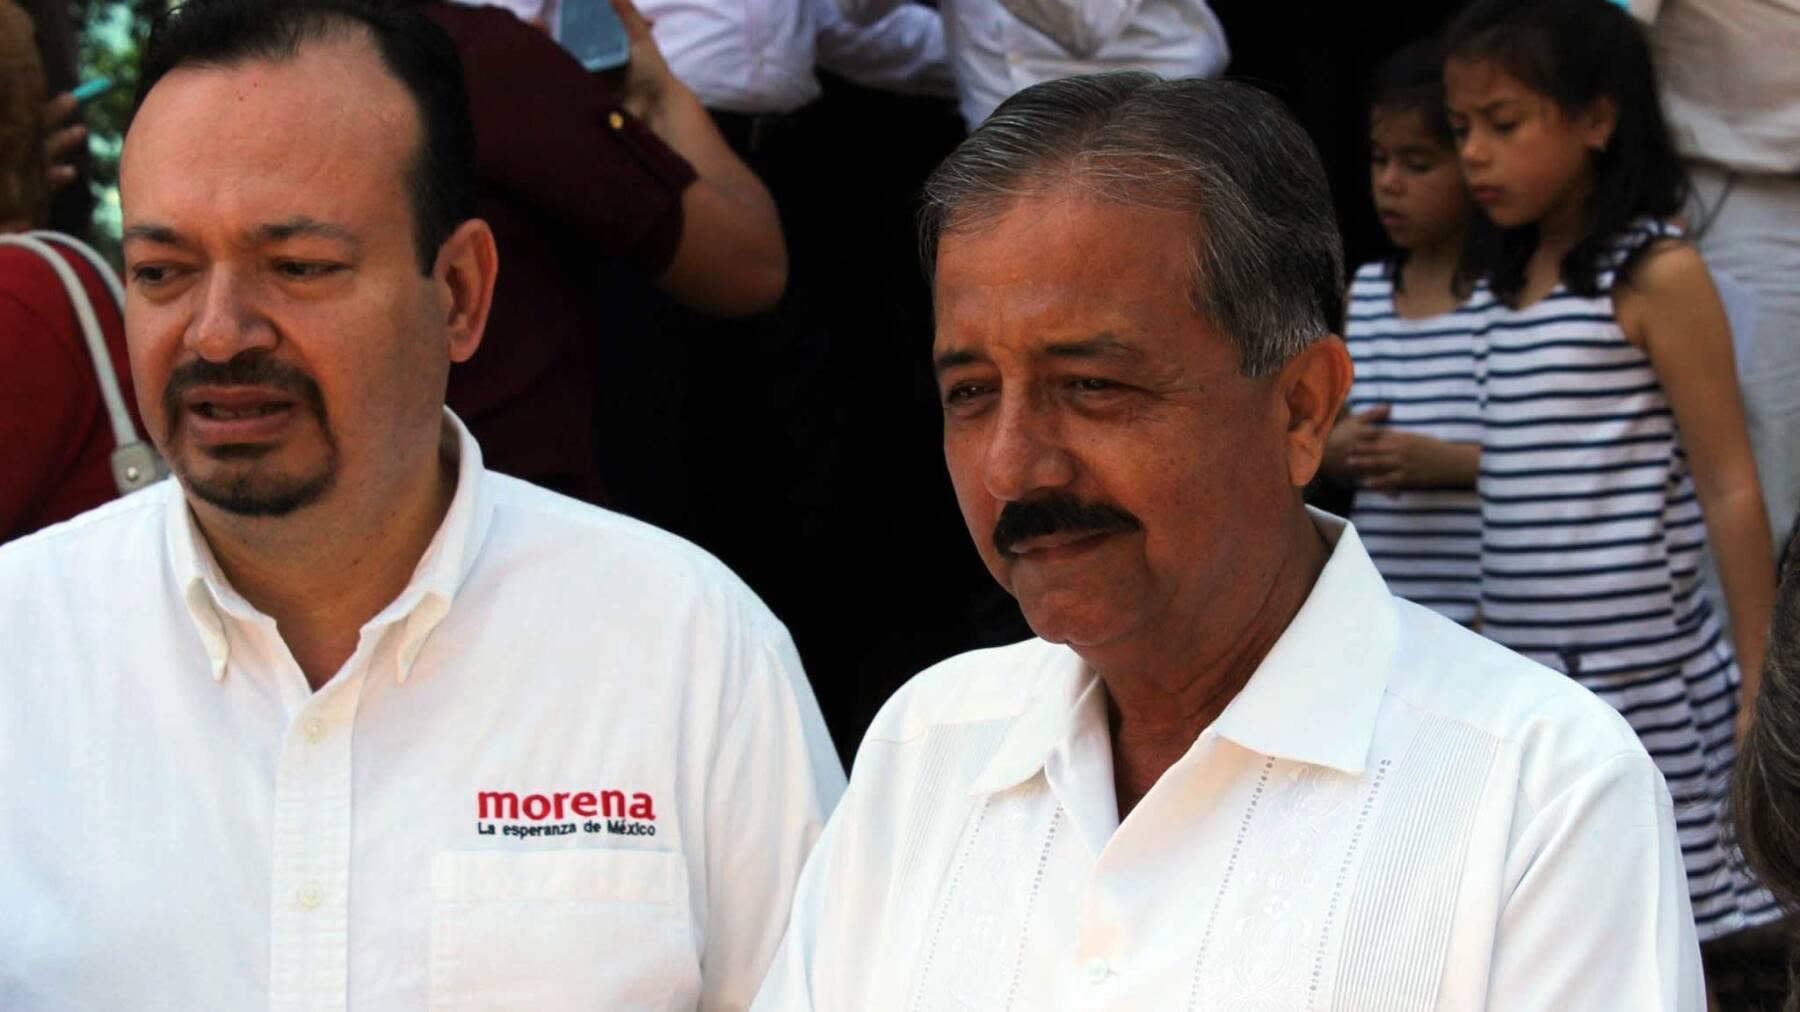 Jesús Estrada Ferreiro